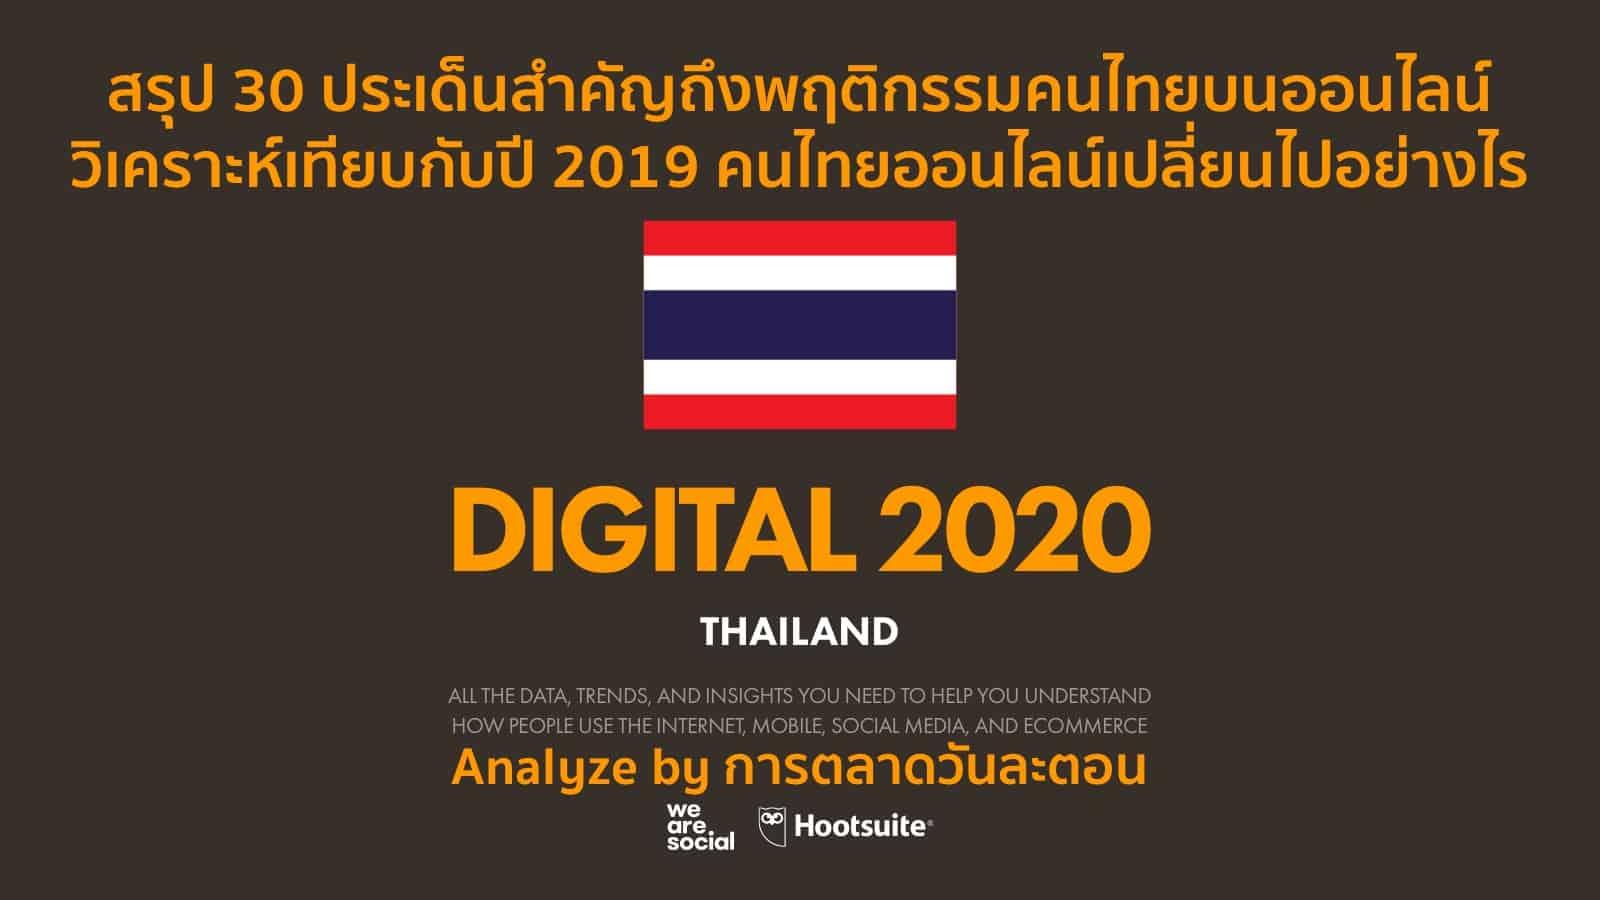 วิเคราะห์ Digital Thailand 2020  We Are Social เป็นอย่างไรเมื่อเทียบกับ 2019